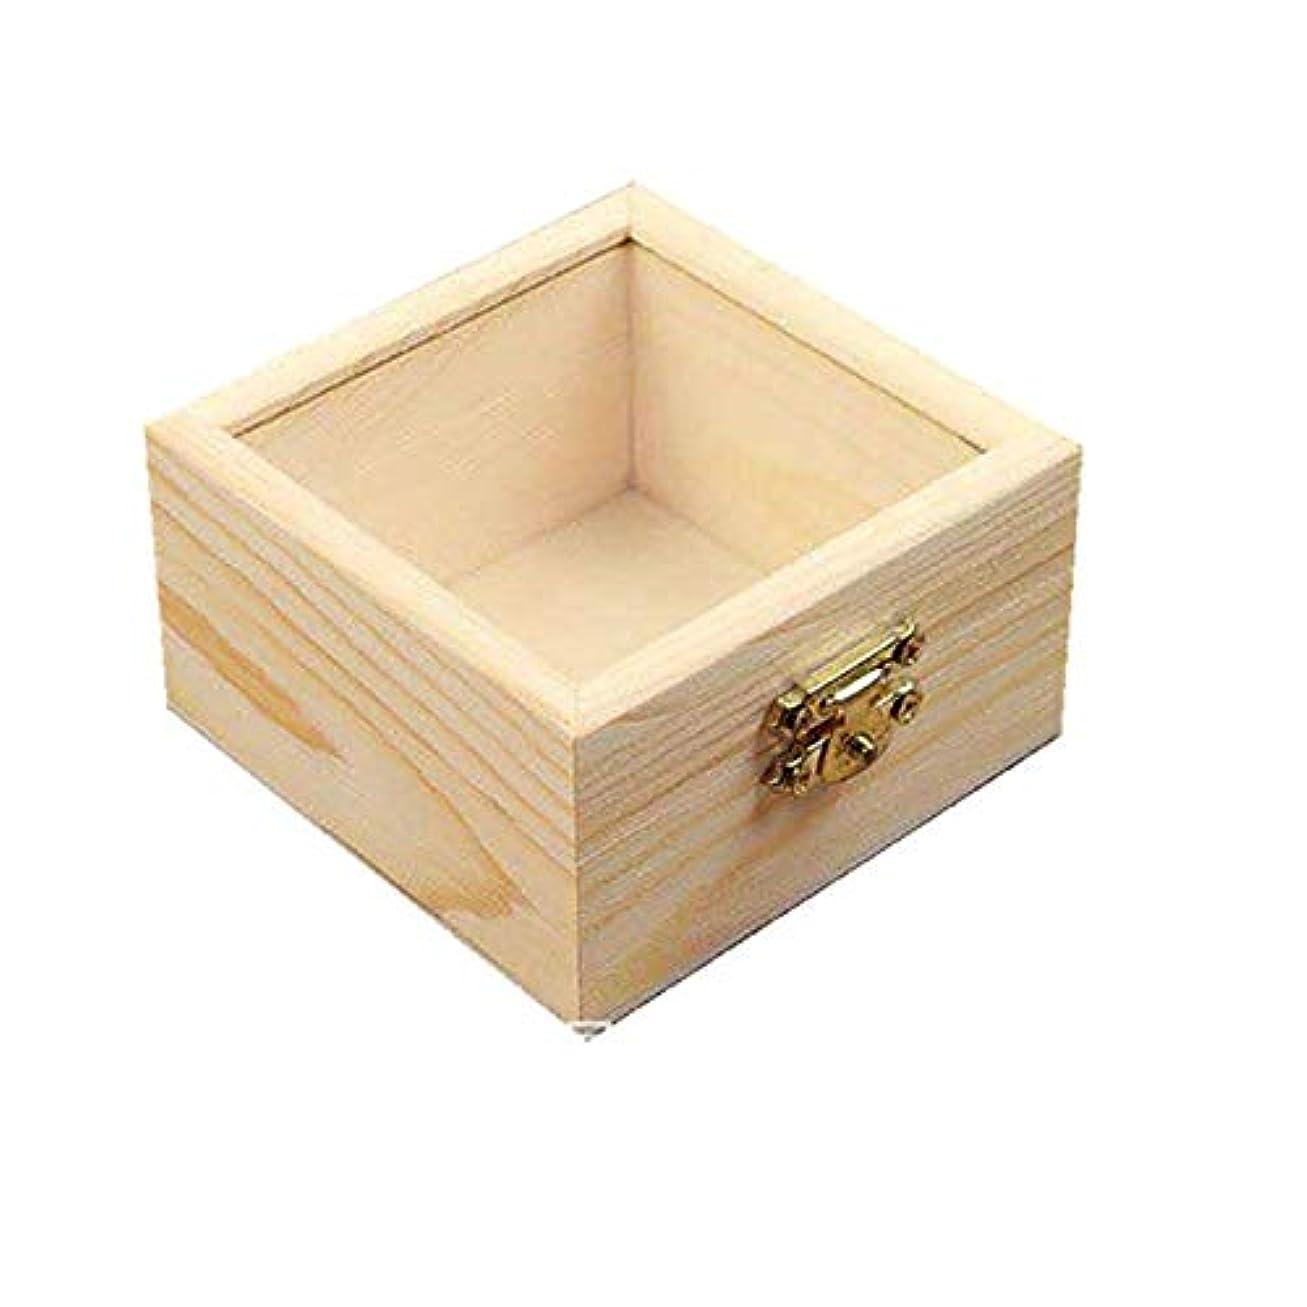 アラブサラボカレッジ転用エッセンシャルオイルの保管 プレゼンテーション用木製エッセンシャルオイルボックスパーフェクトエッセンシャルオイルケース (色 : Natural, サイズ : 8.5X8.5X5CM)